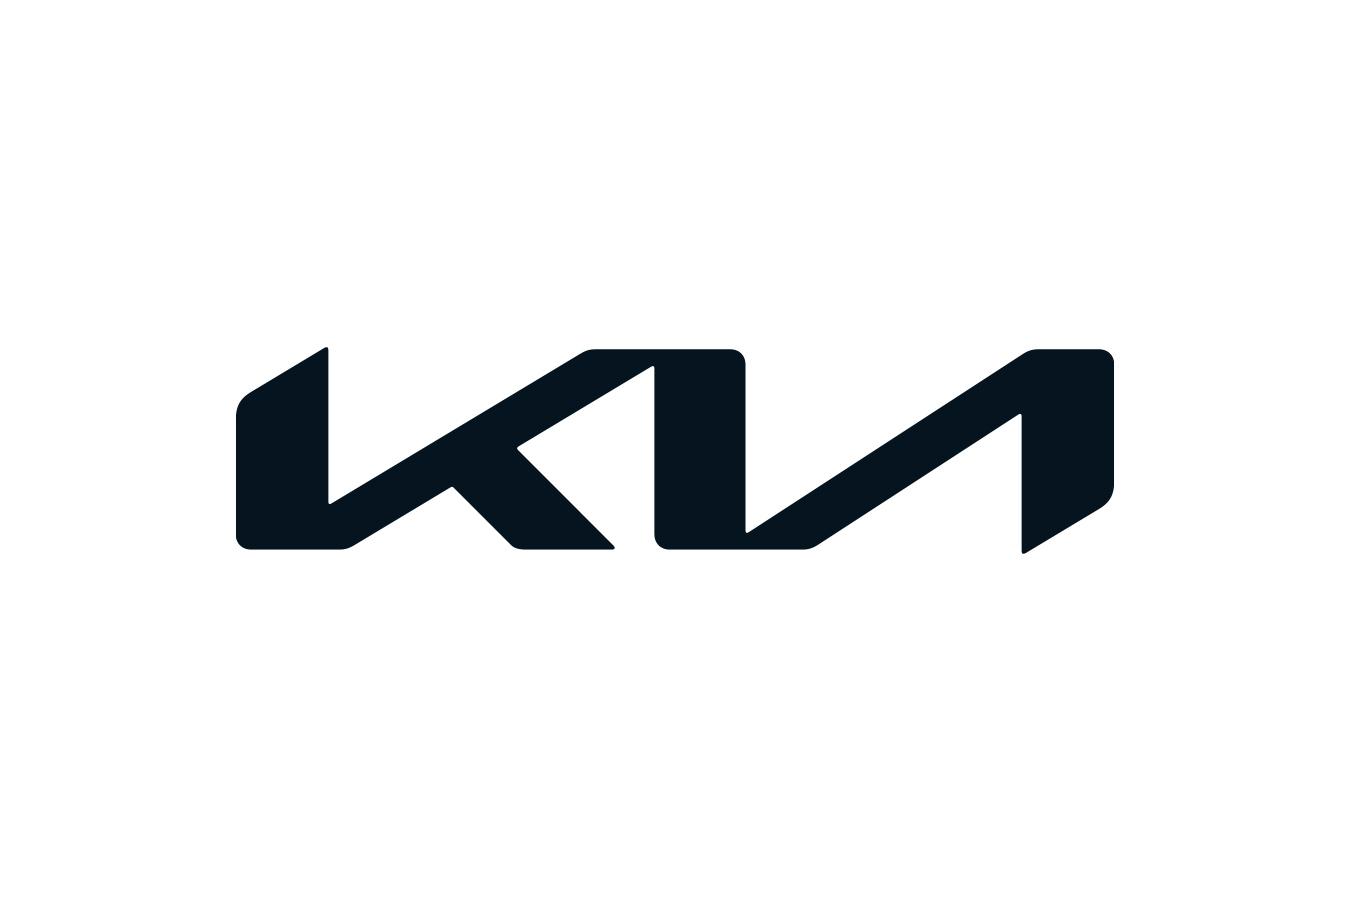 Race Car Logos And Names